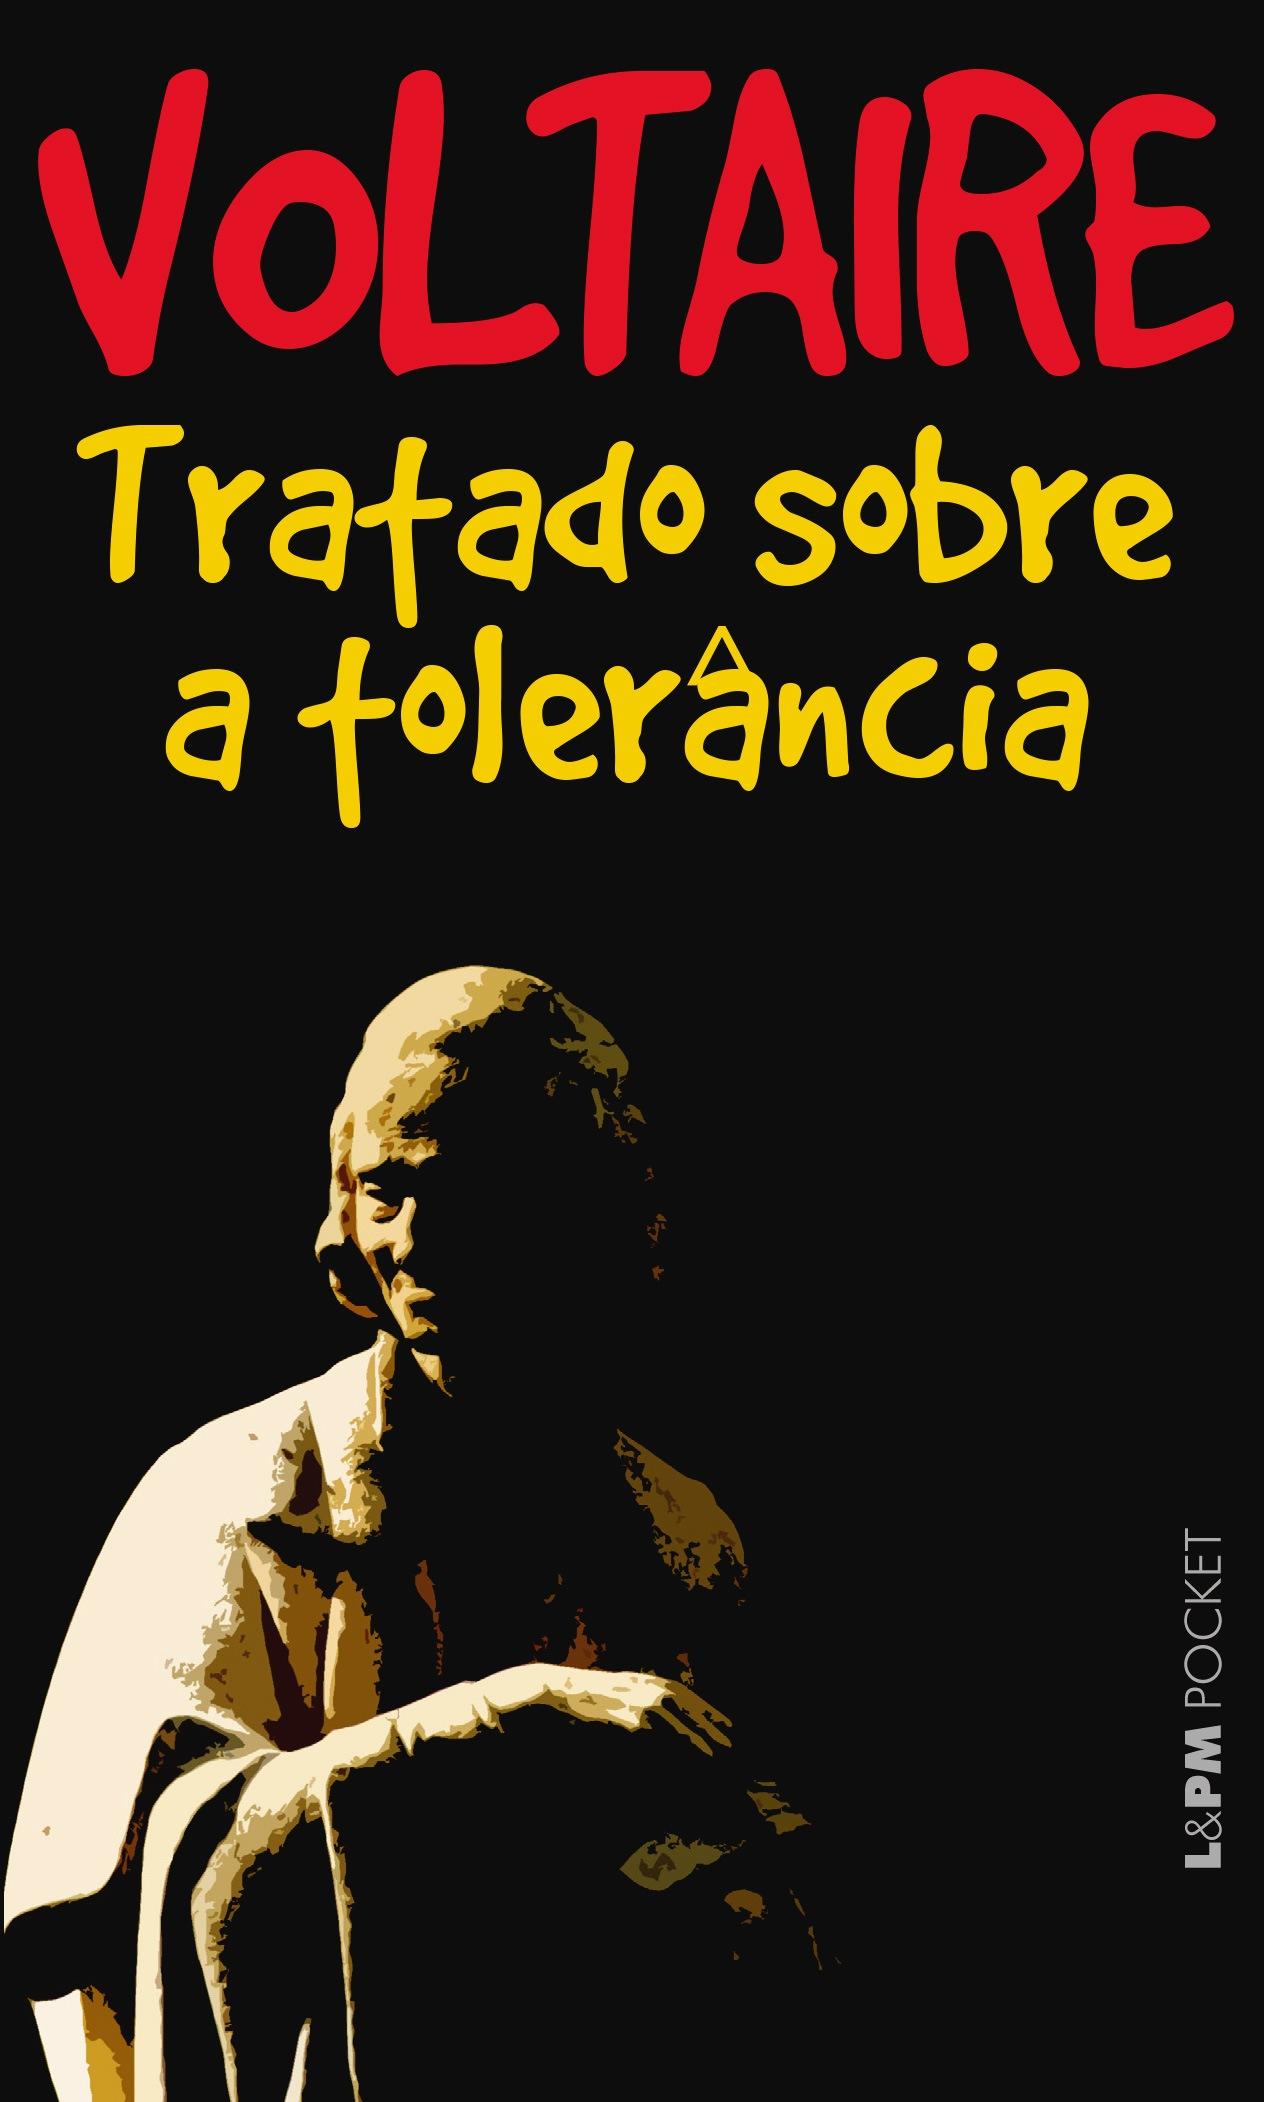 tratado_sobre_a_toleranca_9788525418012_hd